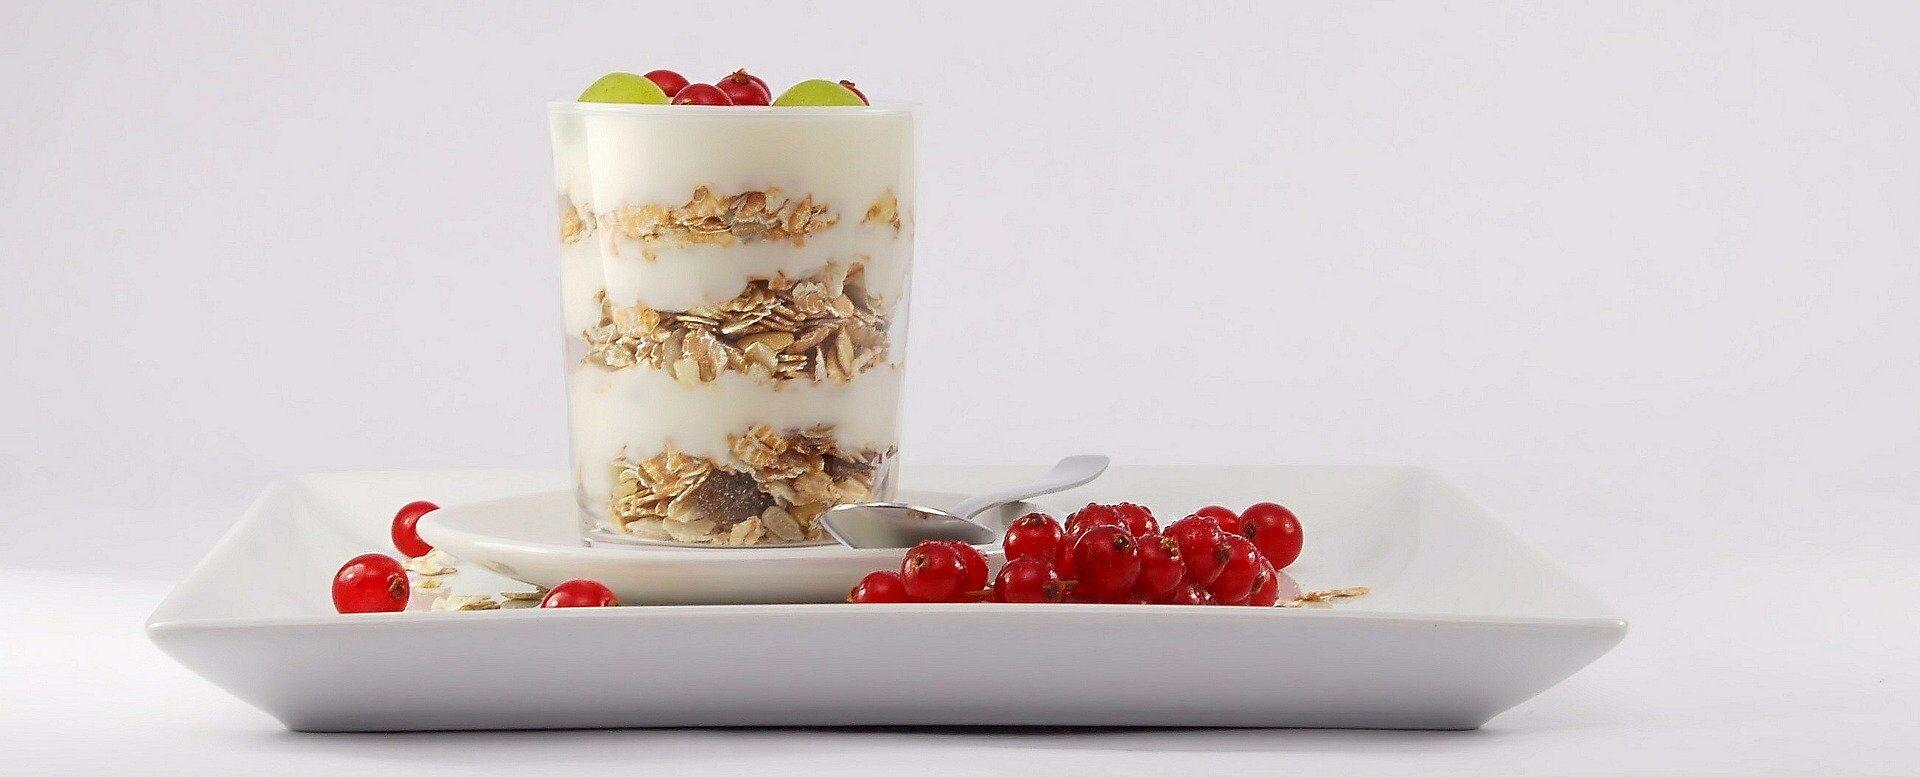 Recette yaourt lait soja